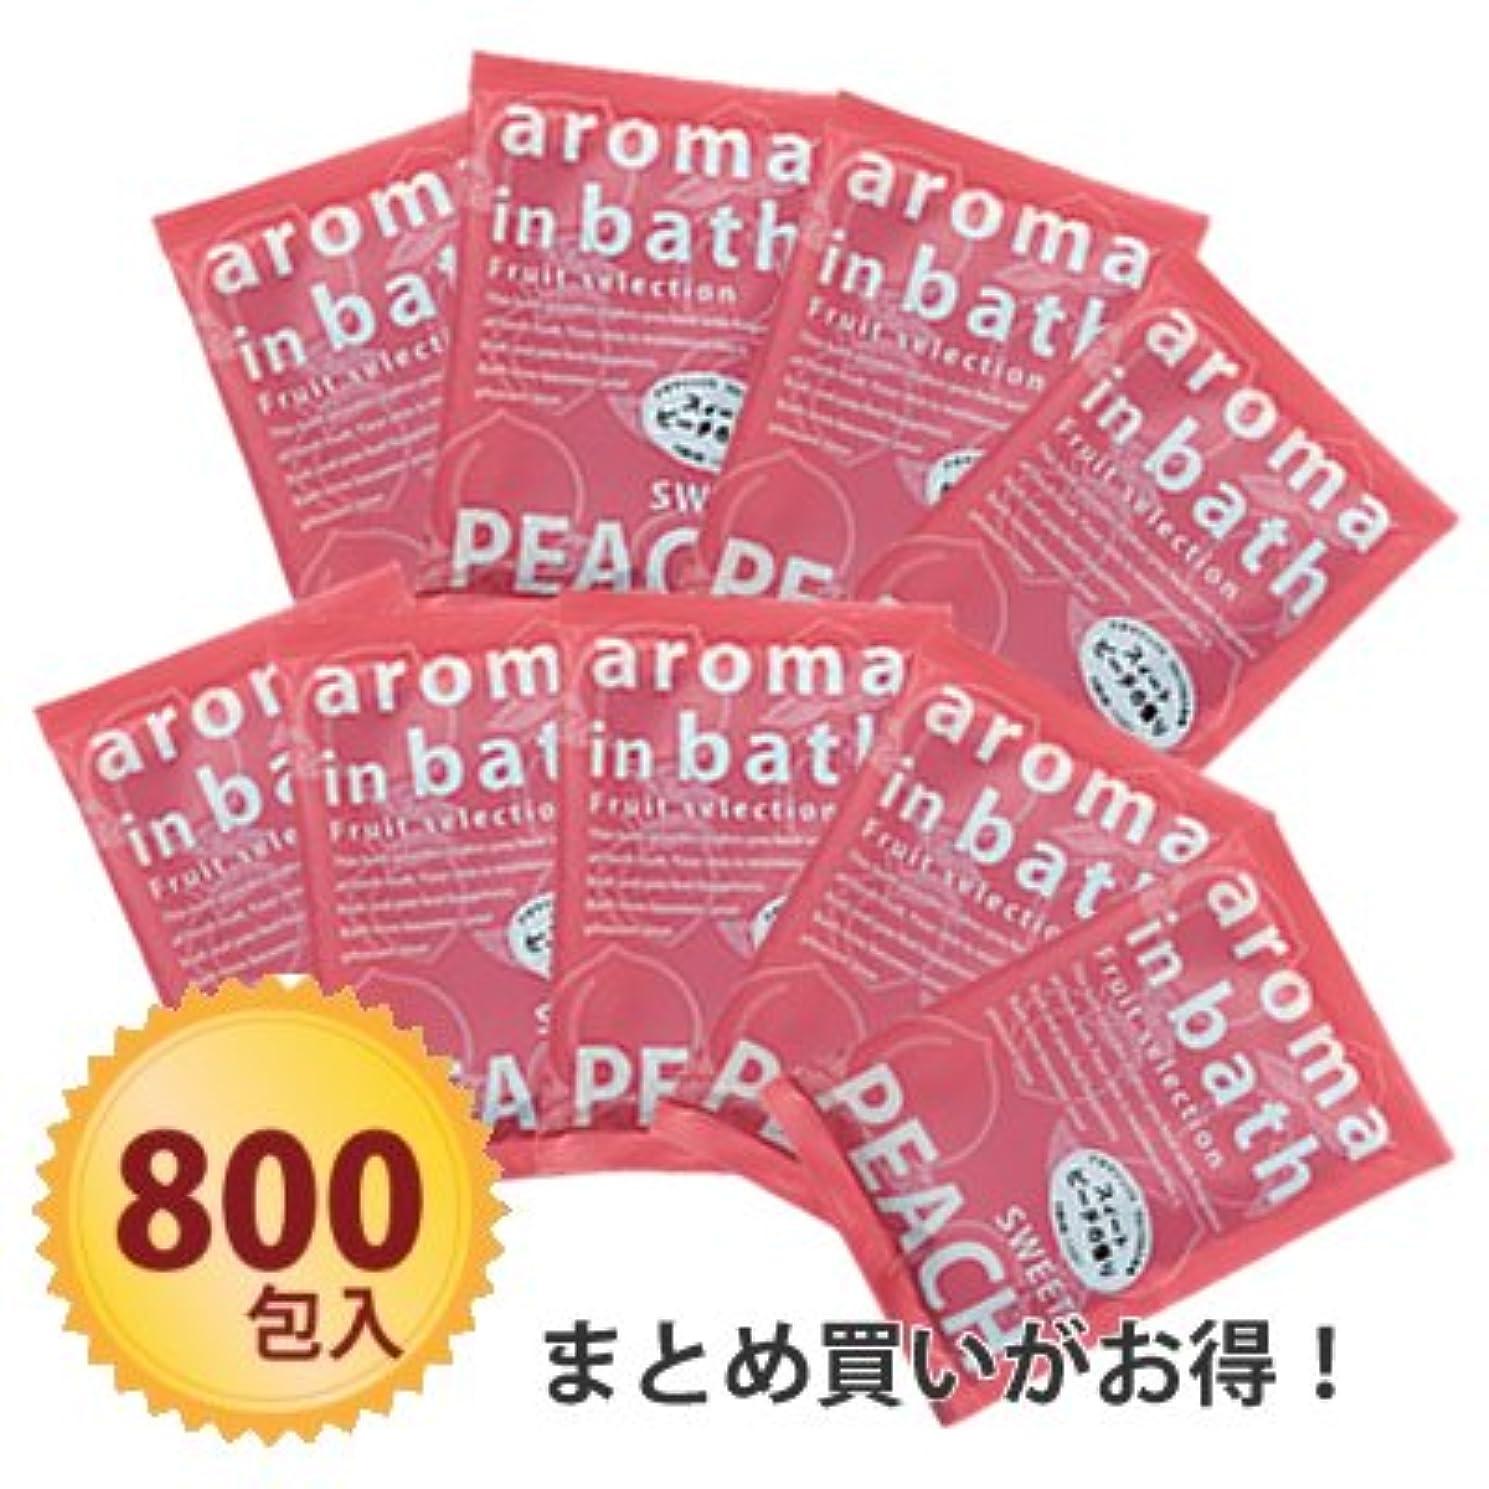 勇気のある機密ローマ人粉体入浴料 アロマインバス25g スイートピーチ ×800個